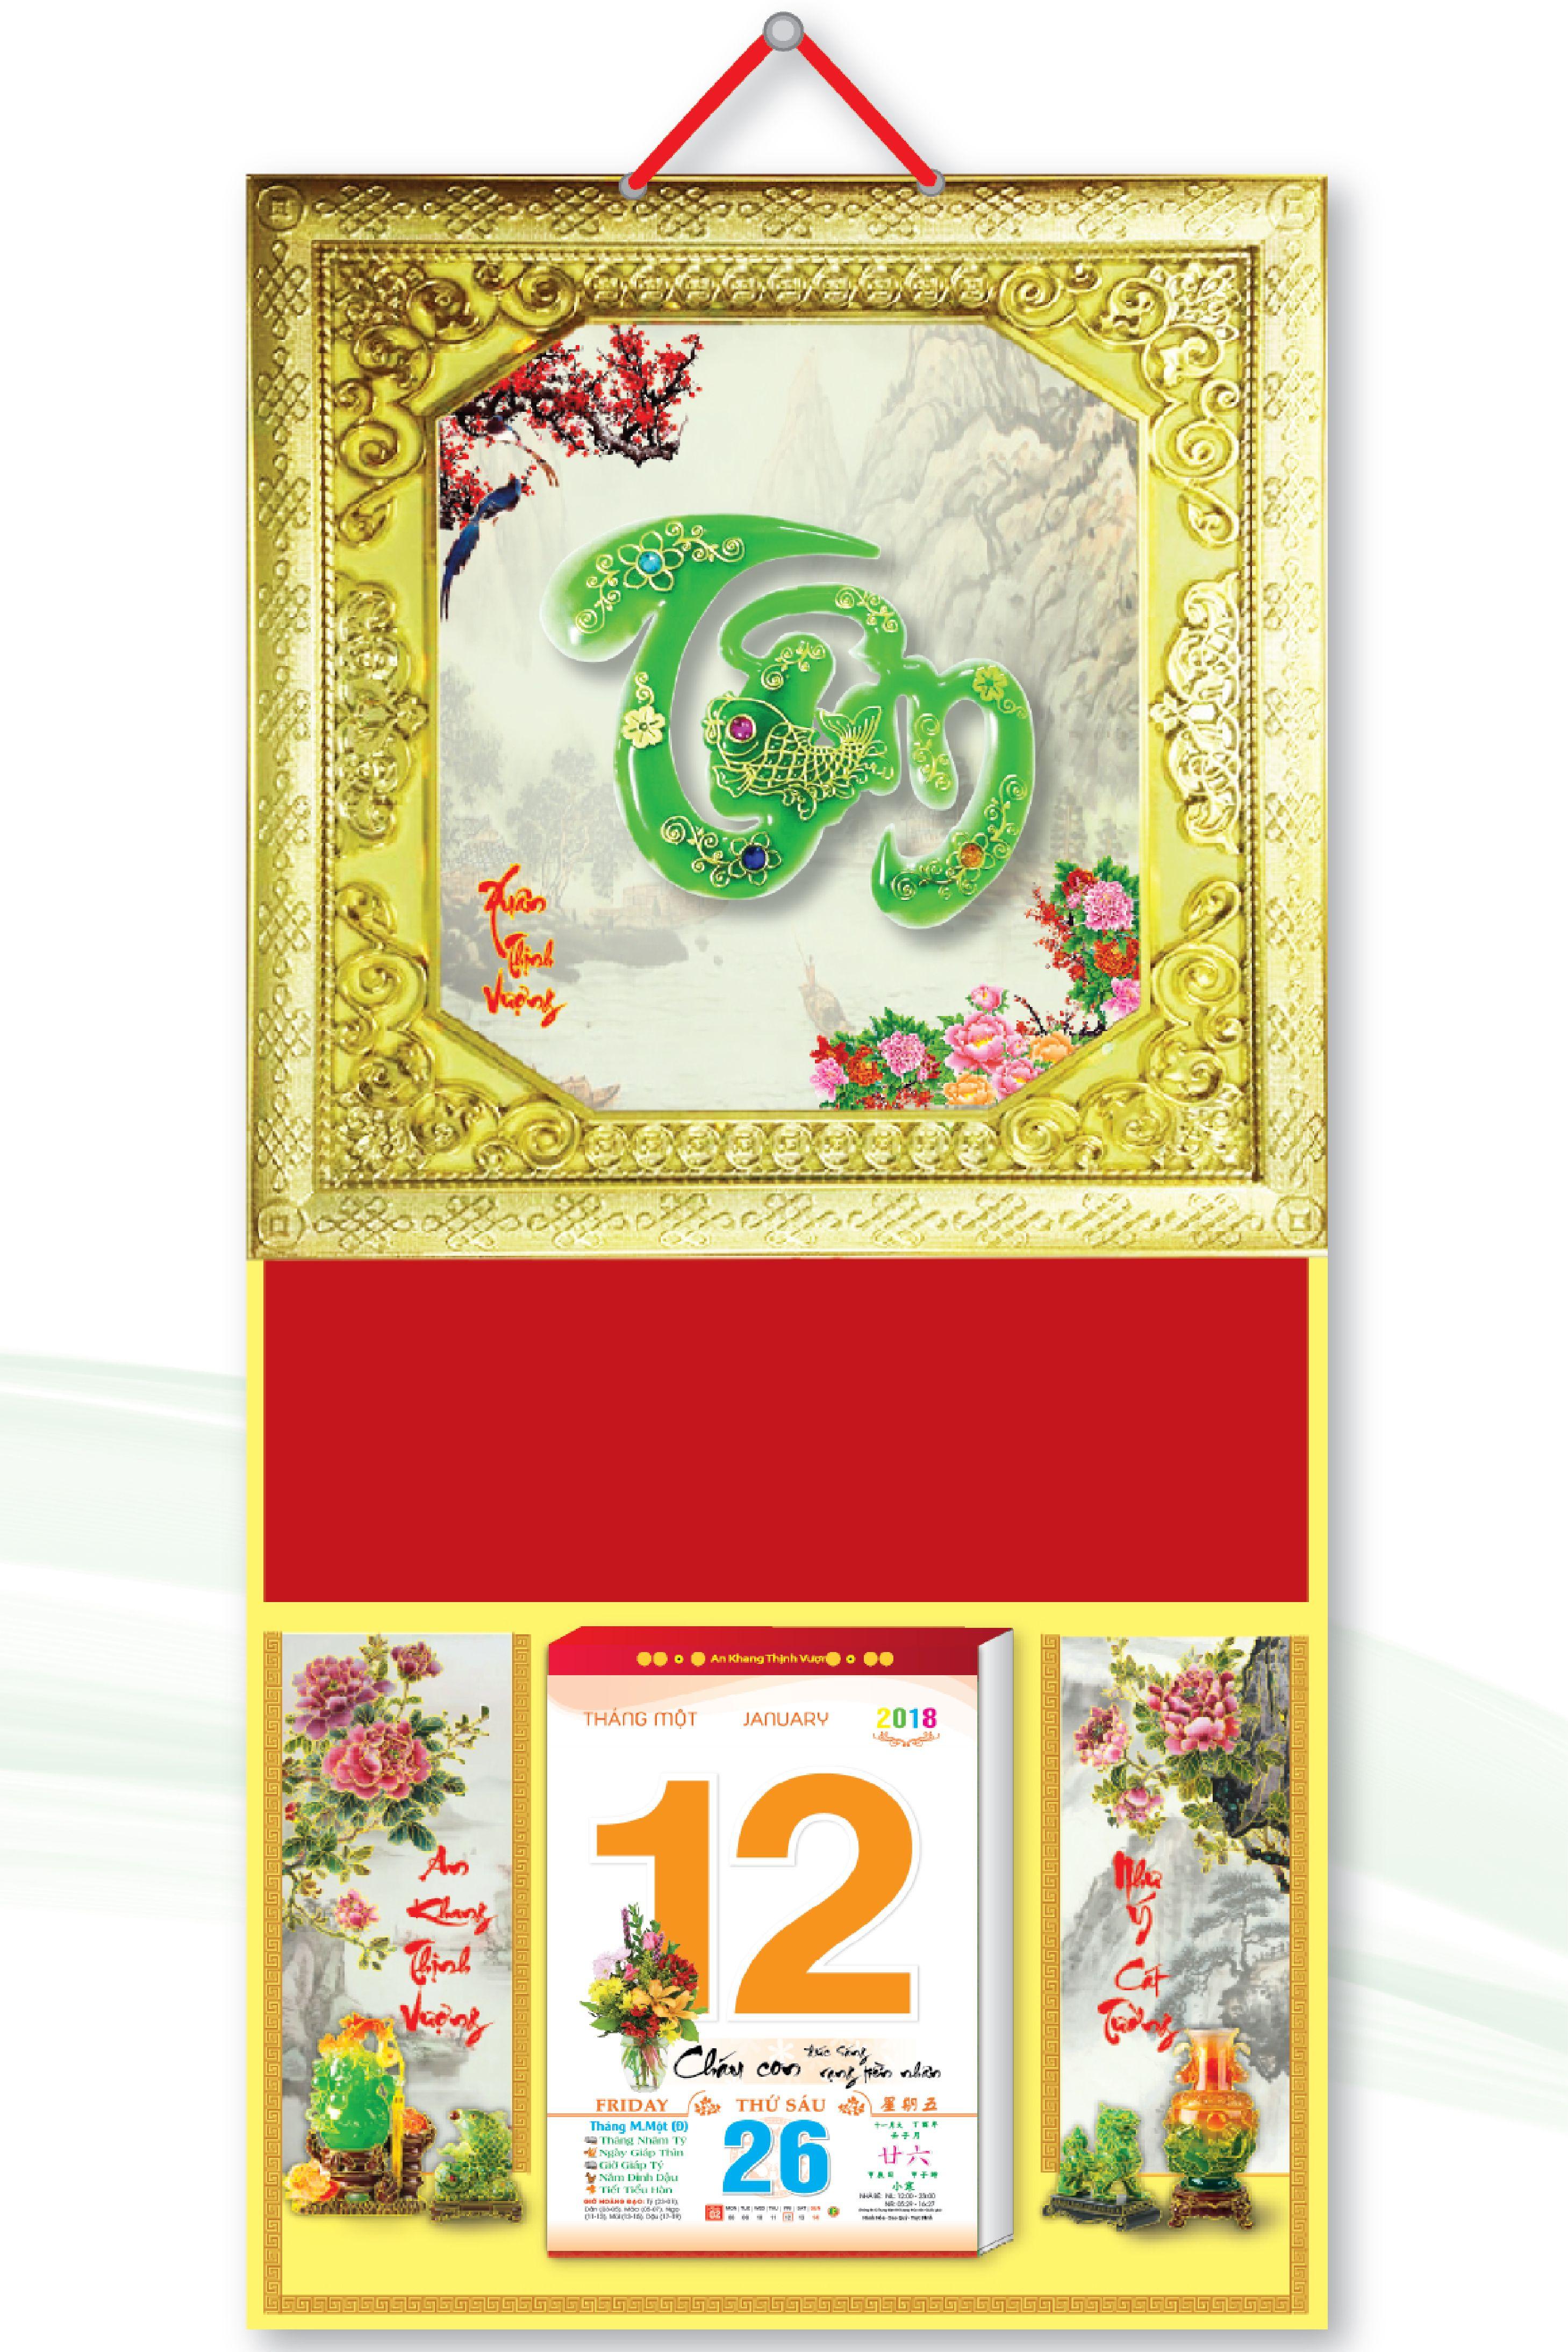 KV38 - Bìa Treo Lịch 2018 Da Simili Dán Chữ Nổi (35 x 70cm) - Khung vàng, Dán Chữ Tâm Cẩm Thạch